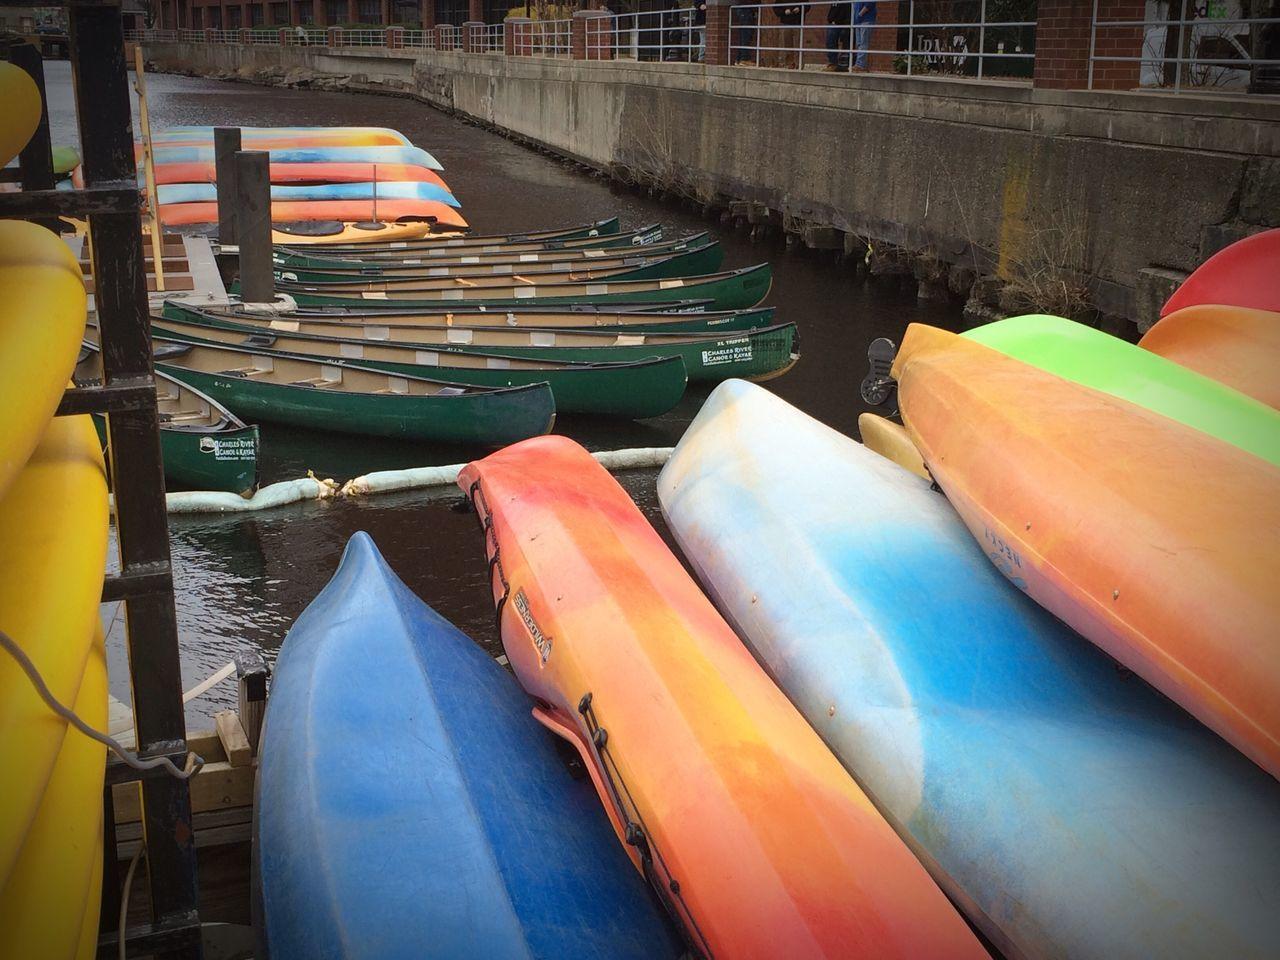 Kayak Kayaking Kayaking Kayaks Canoe Canoetrip Canoeing Green Canoes Primary Colors River